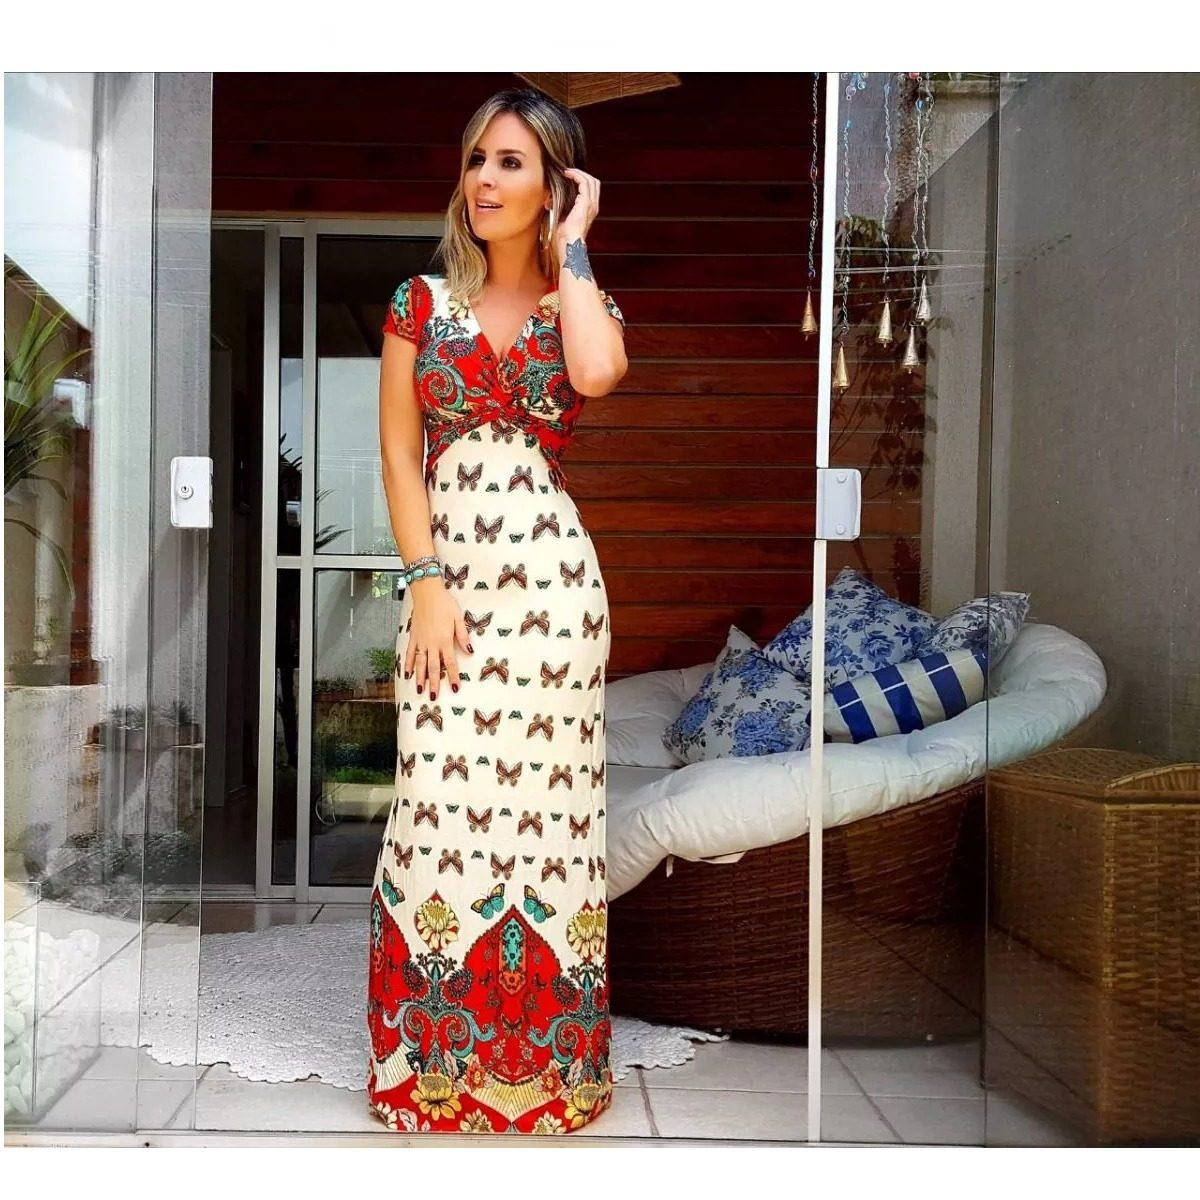 0e70a2f45 Vestido Longo Estampado Social Vestidos Femininos - R$ 116,99 em ...